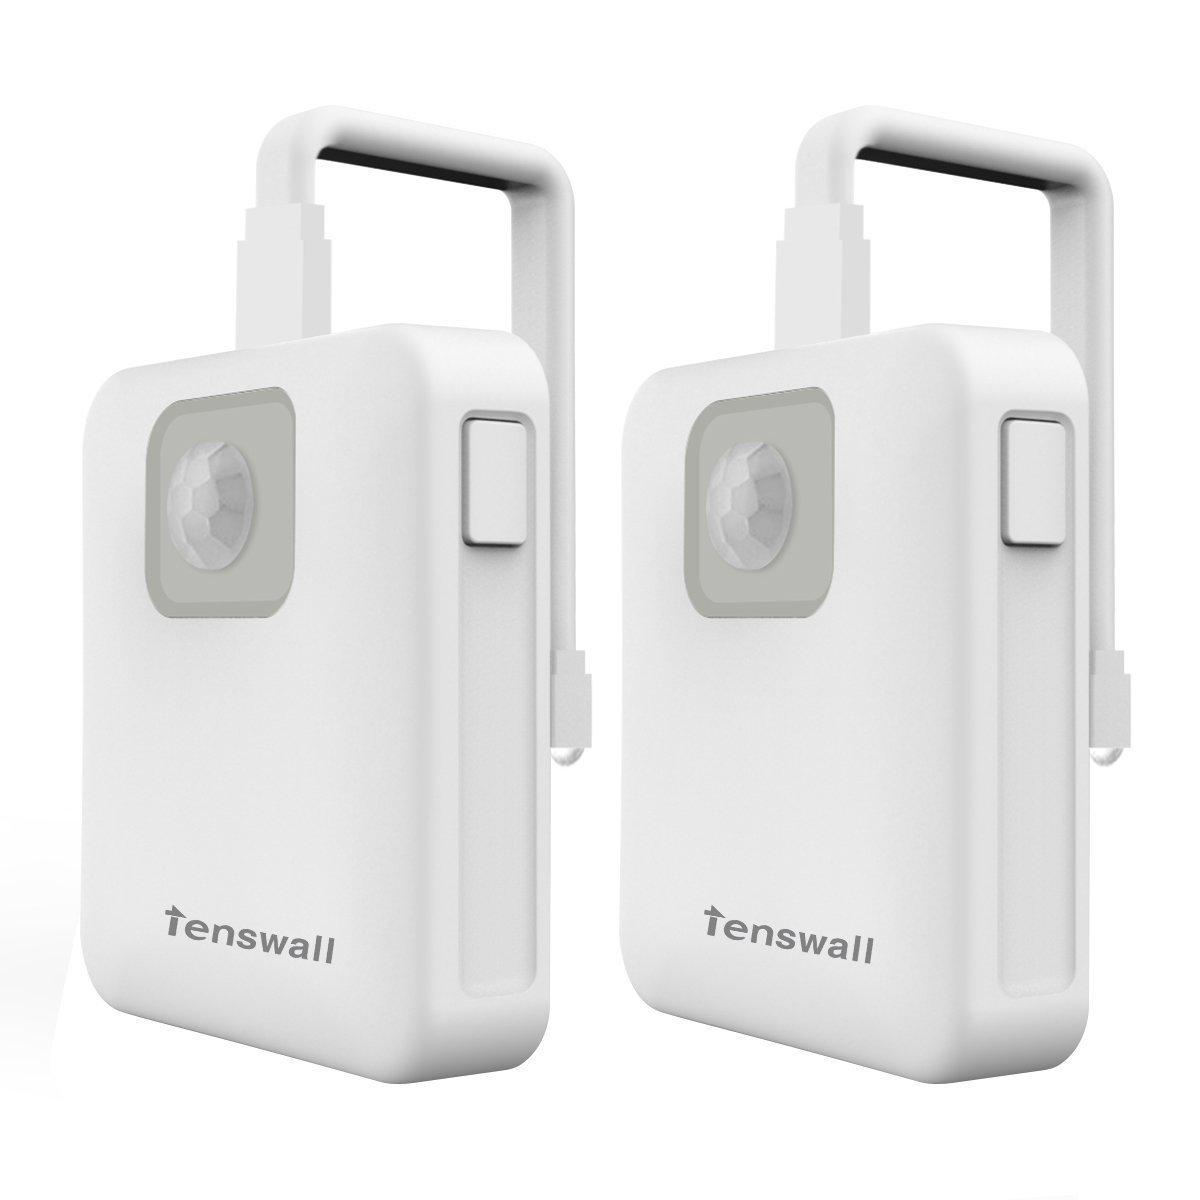 Tenswall Toilet Seat Illuminating Night LEDライト – Motion ActivatedバスルームボウルNightlight – 8異なる色変更 – ライトSensitive動きセンサー – 簡単にインストール電池式2パック B01N1WQ54C 29408